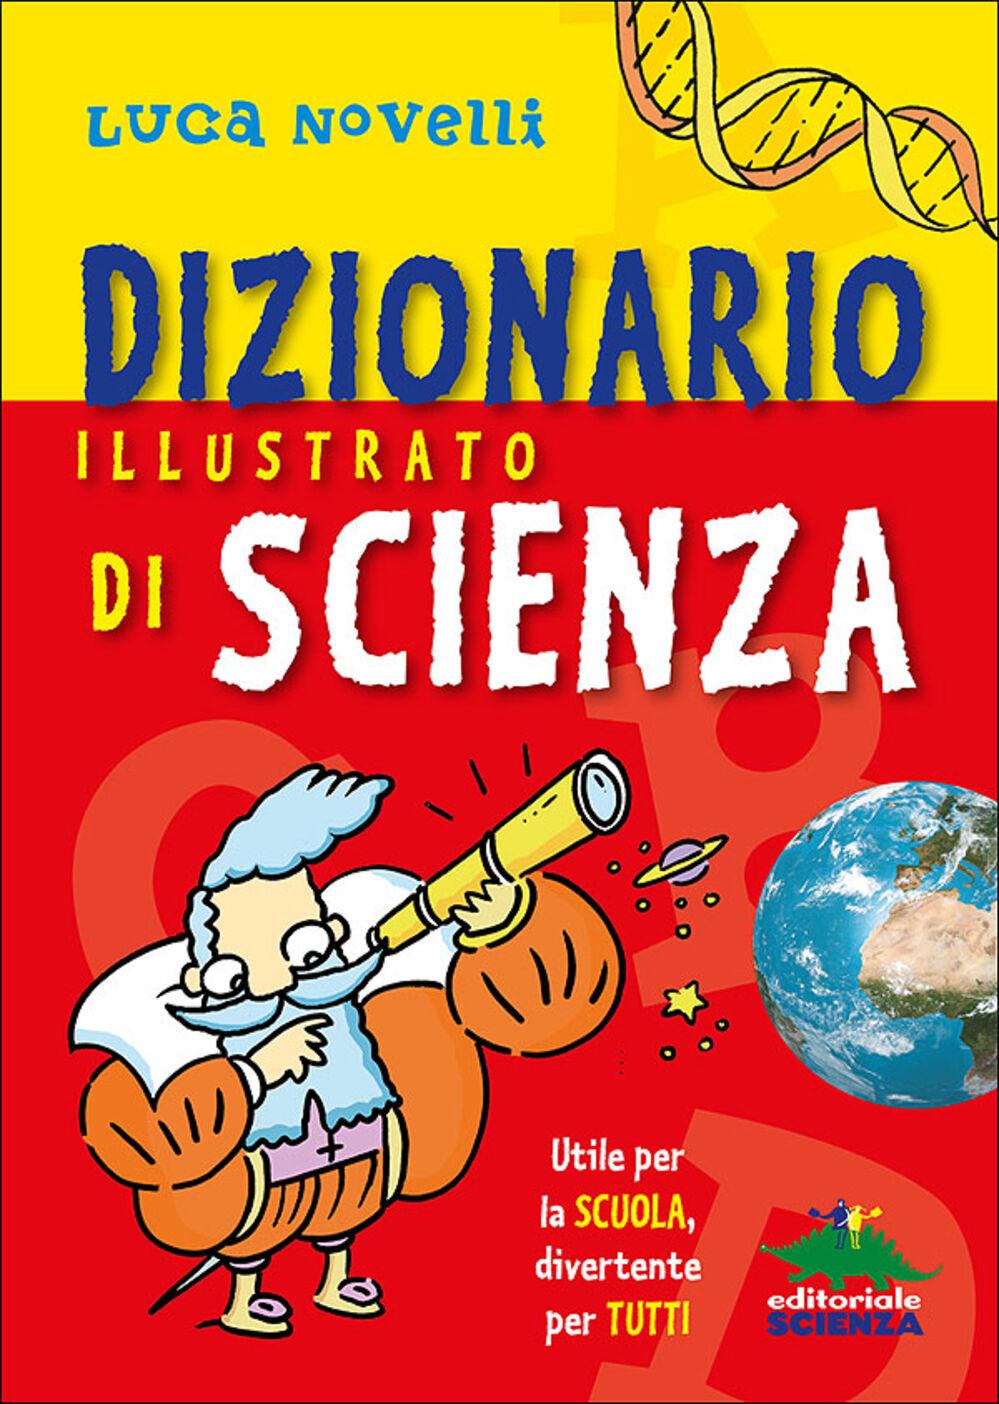 Dizionario illustrato di scienza. Utile per la scuola, divertente per tutti